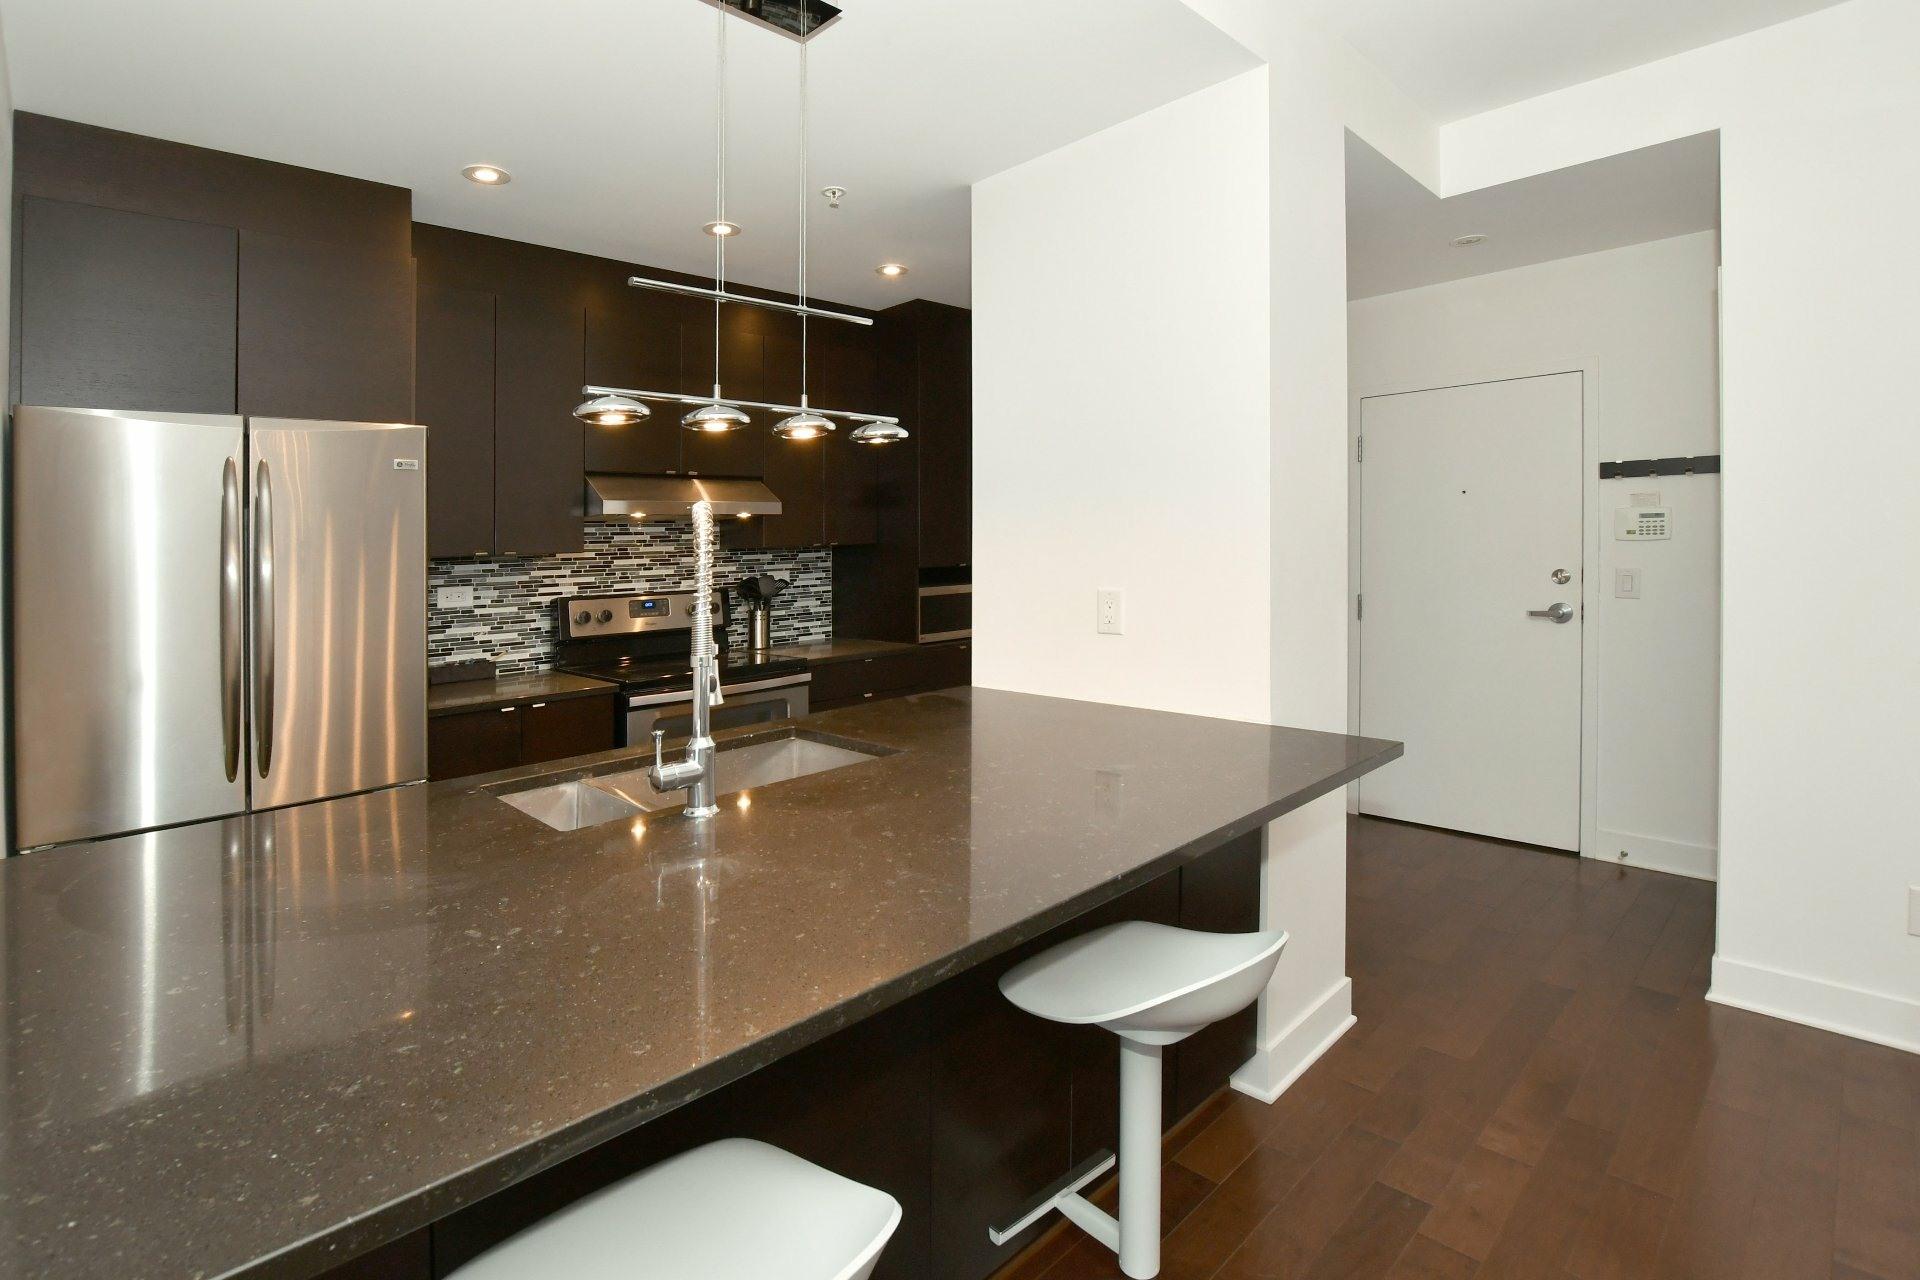 image 9 - Apartment For rent Côte-des-Neiges/Notre-Dame-de-Grâce Montréal  - 4 rooms